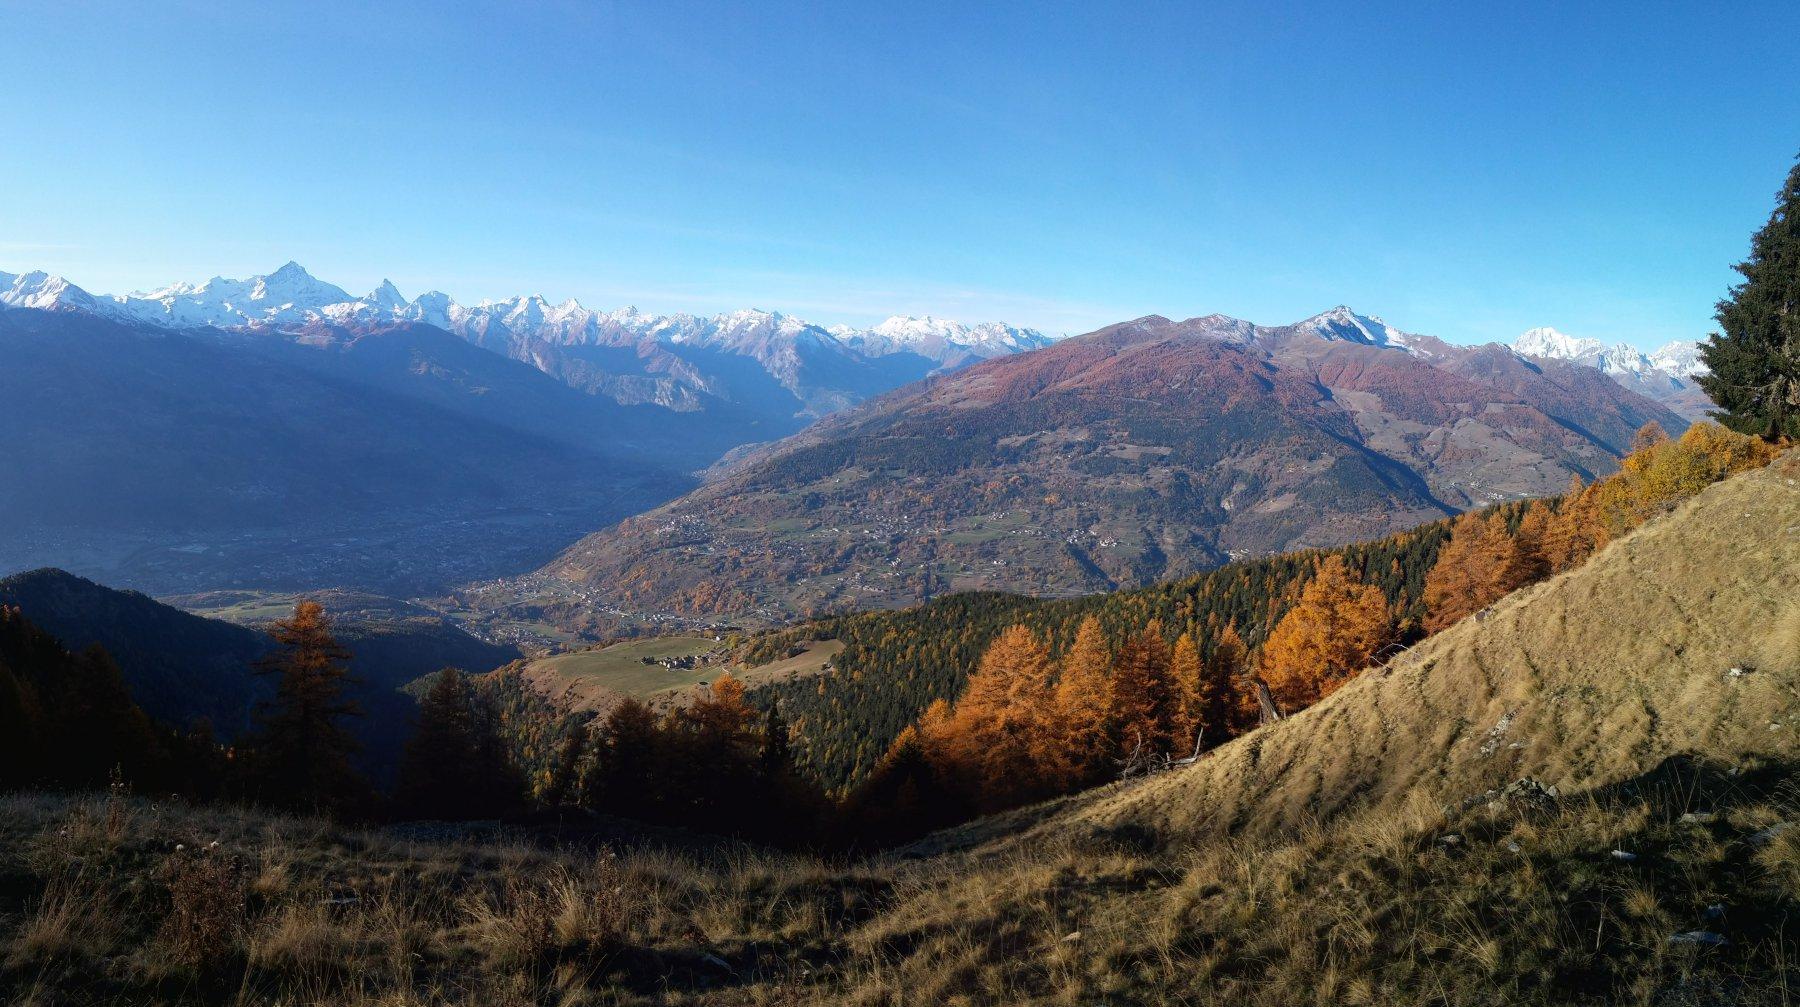 In salita con vista su Blavy e la conca di Aosta